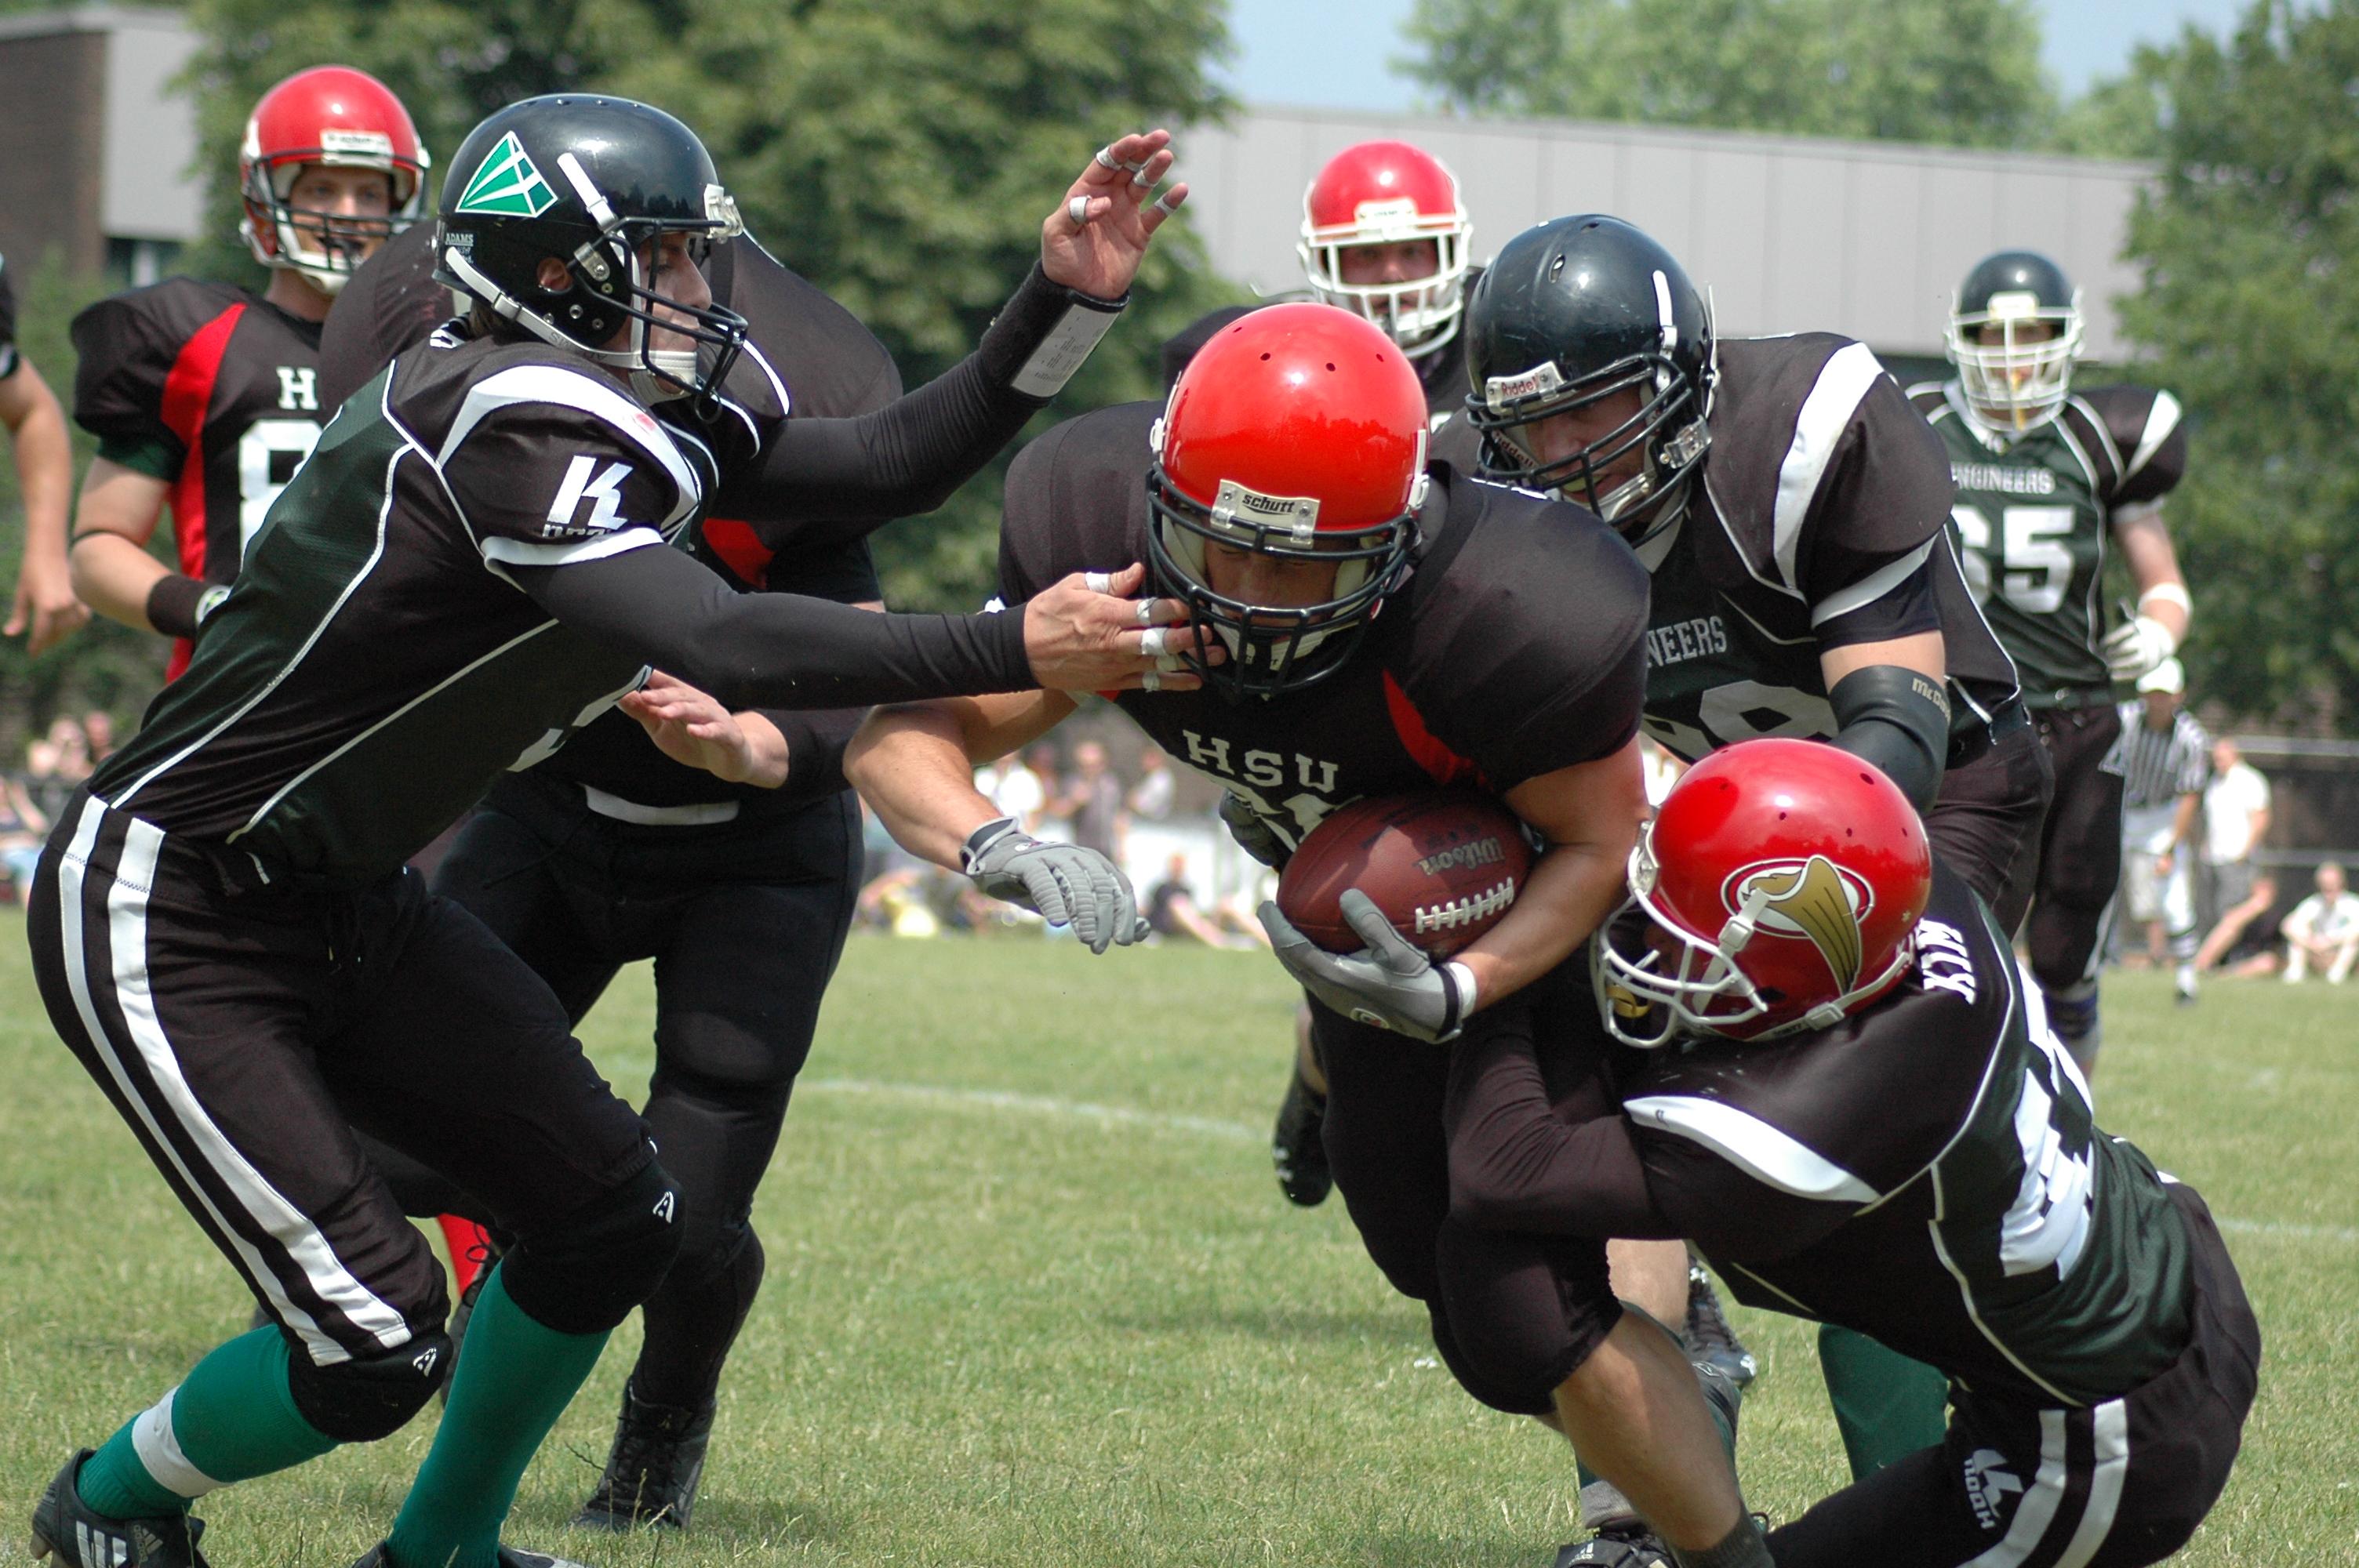 Mehrere sehr stark gepolsterte Männer mit roten oder schwarzen Helmen kämpen auf grünem Rasen um einen rotbraunen Kunstlederball in der Form eines verlängerten Rotationsellipsoids mit spitzen Enden. (Foto: Dietmar Strey)